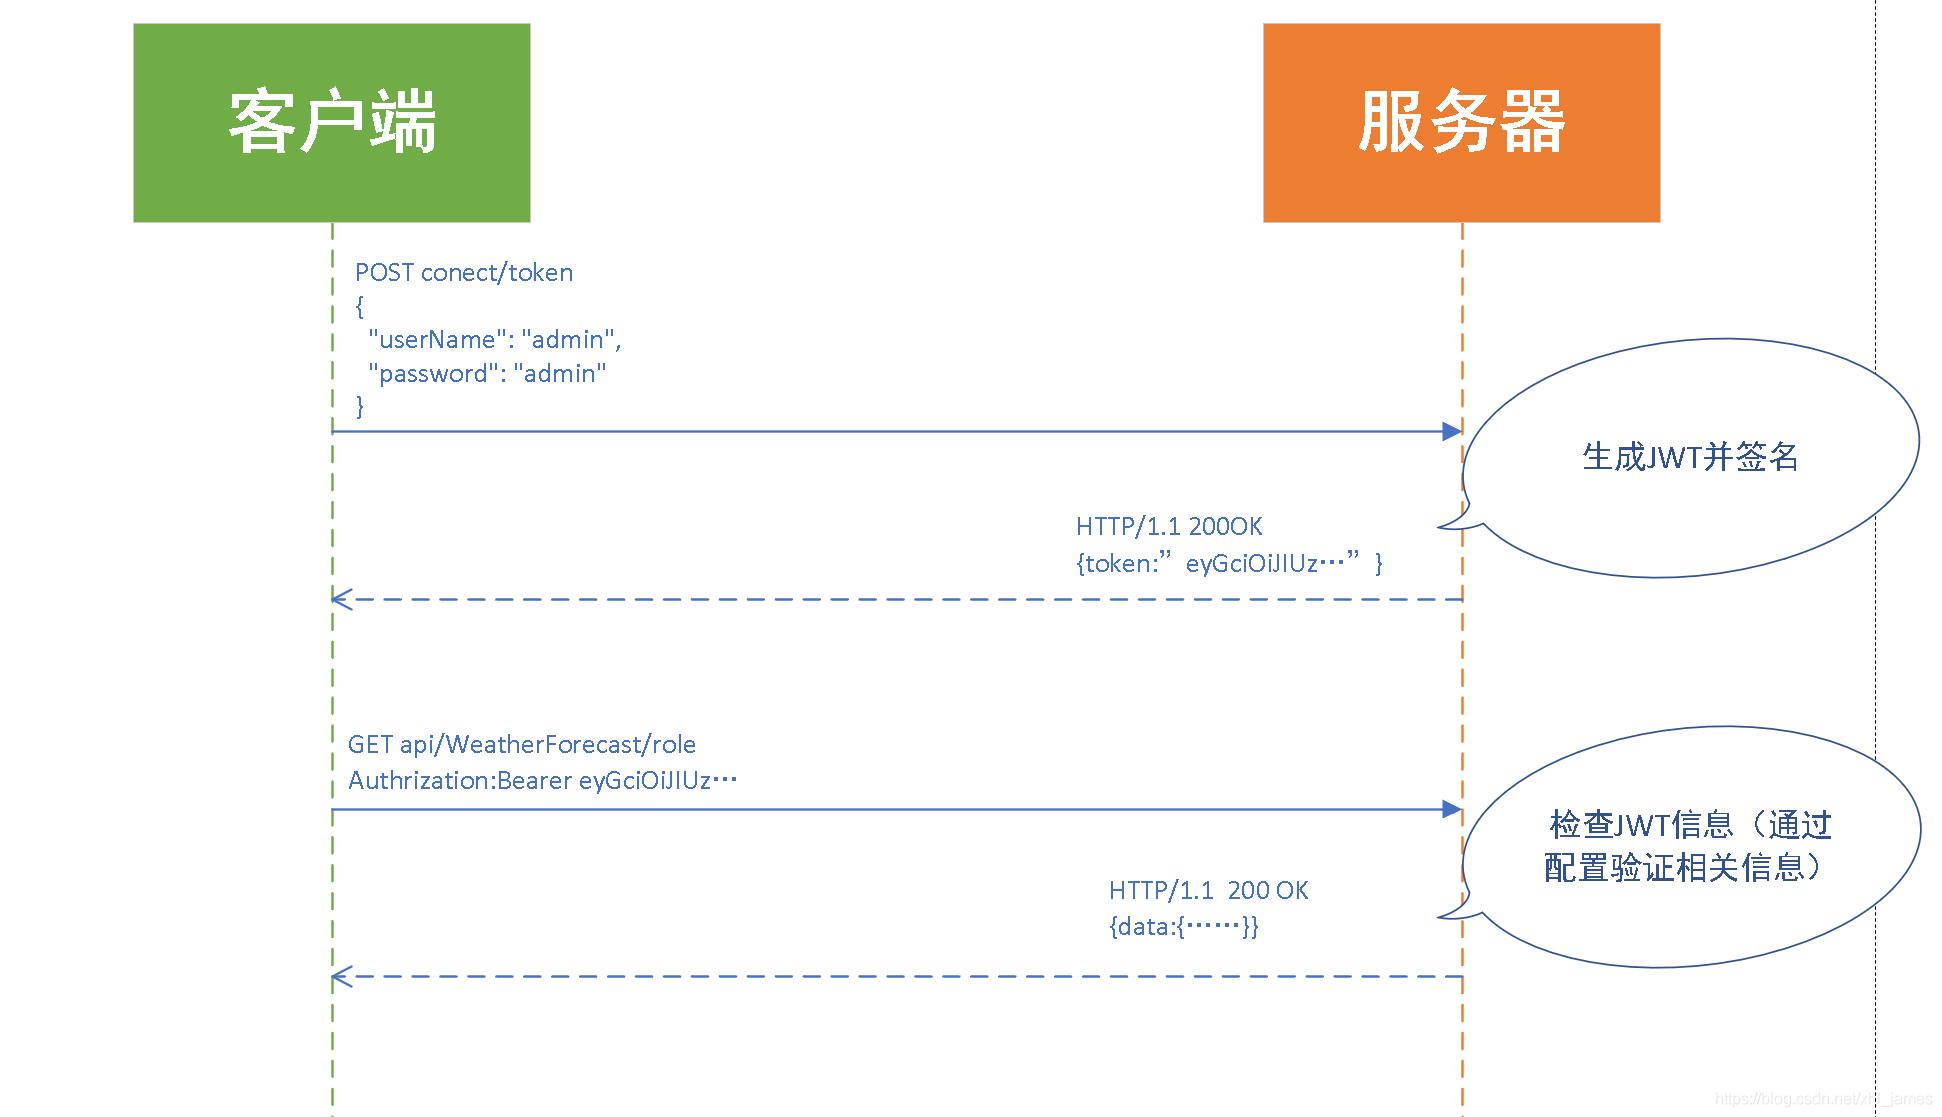 整个HTTP请求流程